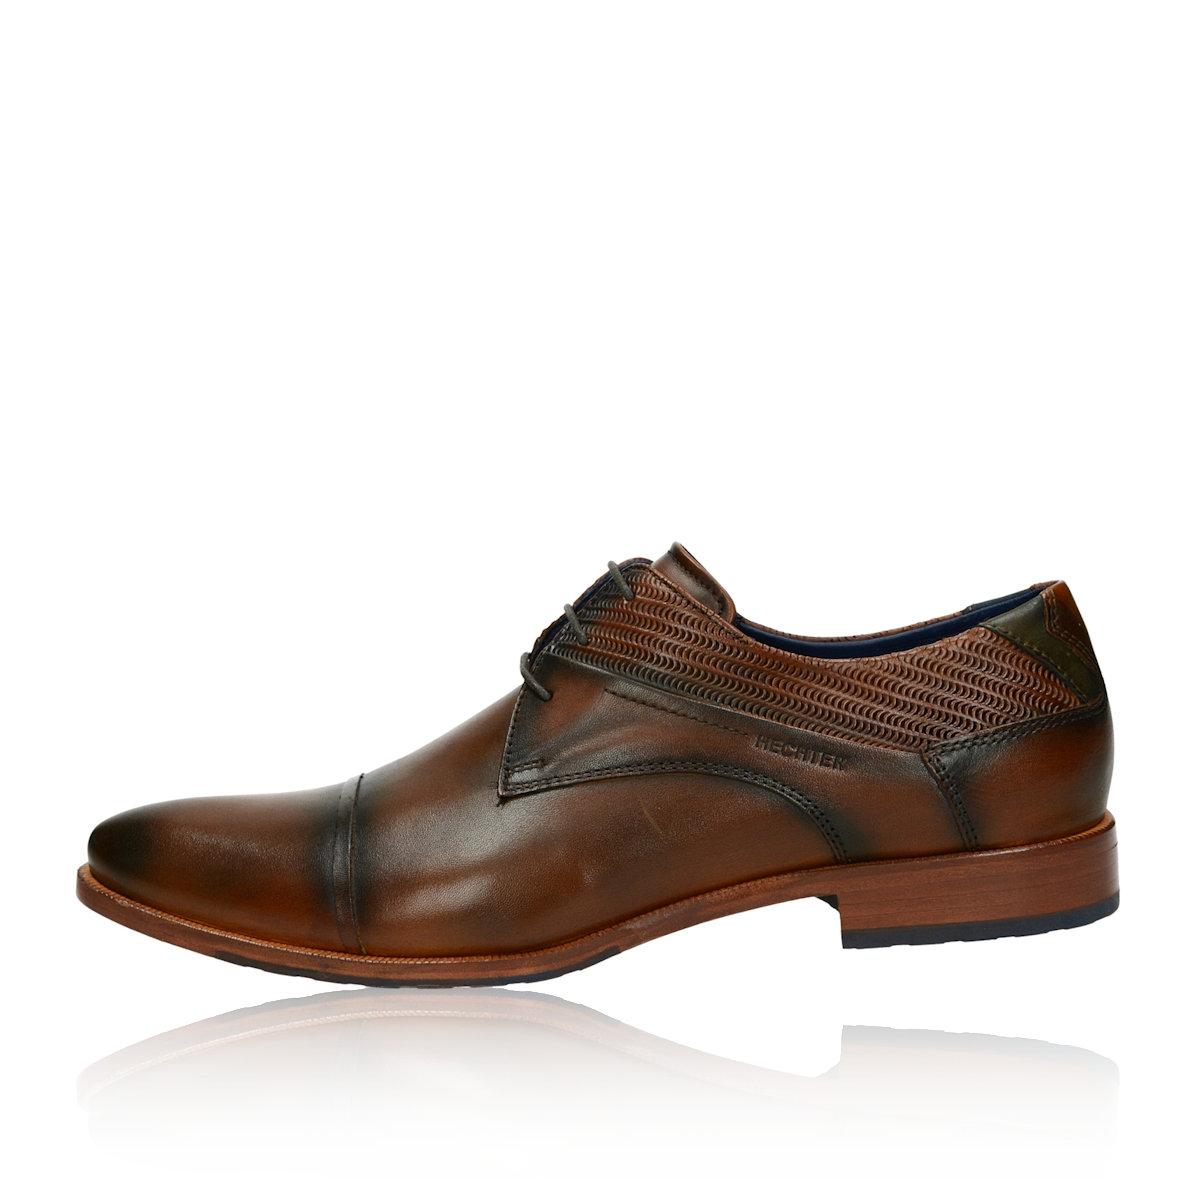 2e970f87db66 ... Daniel Hechter pánske kožené spoločenské topánky - koňakové ...